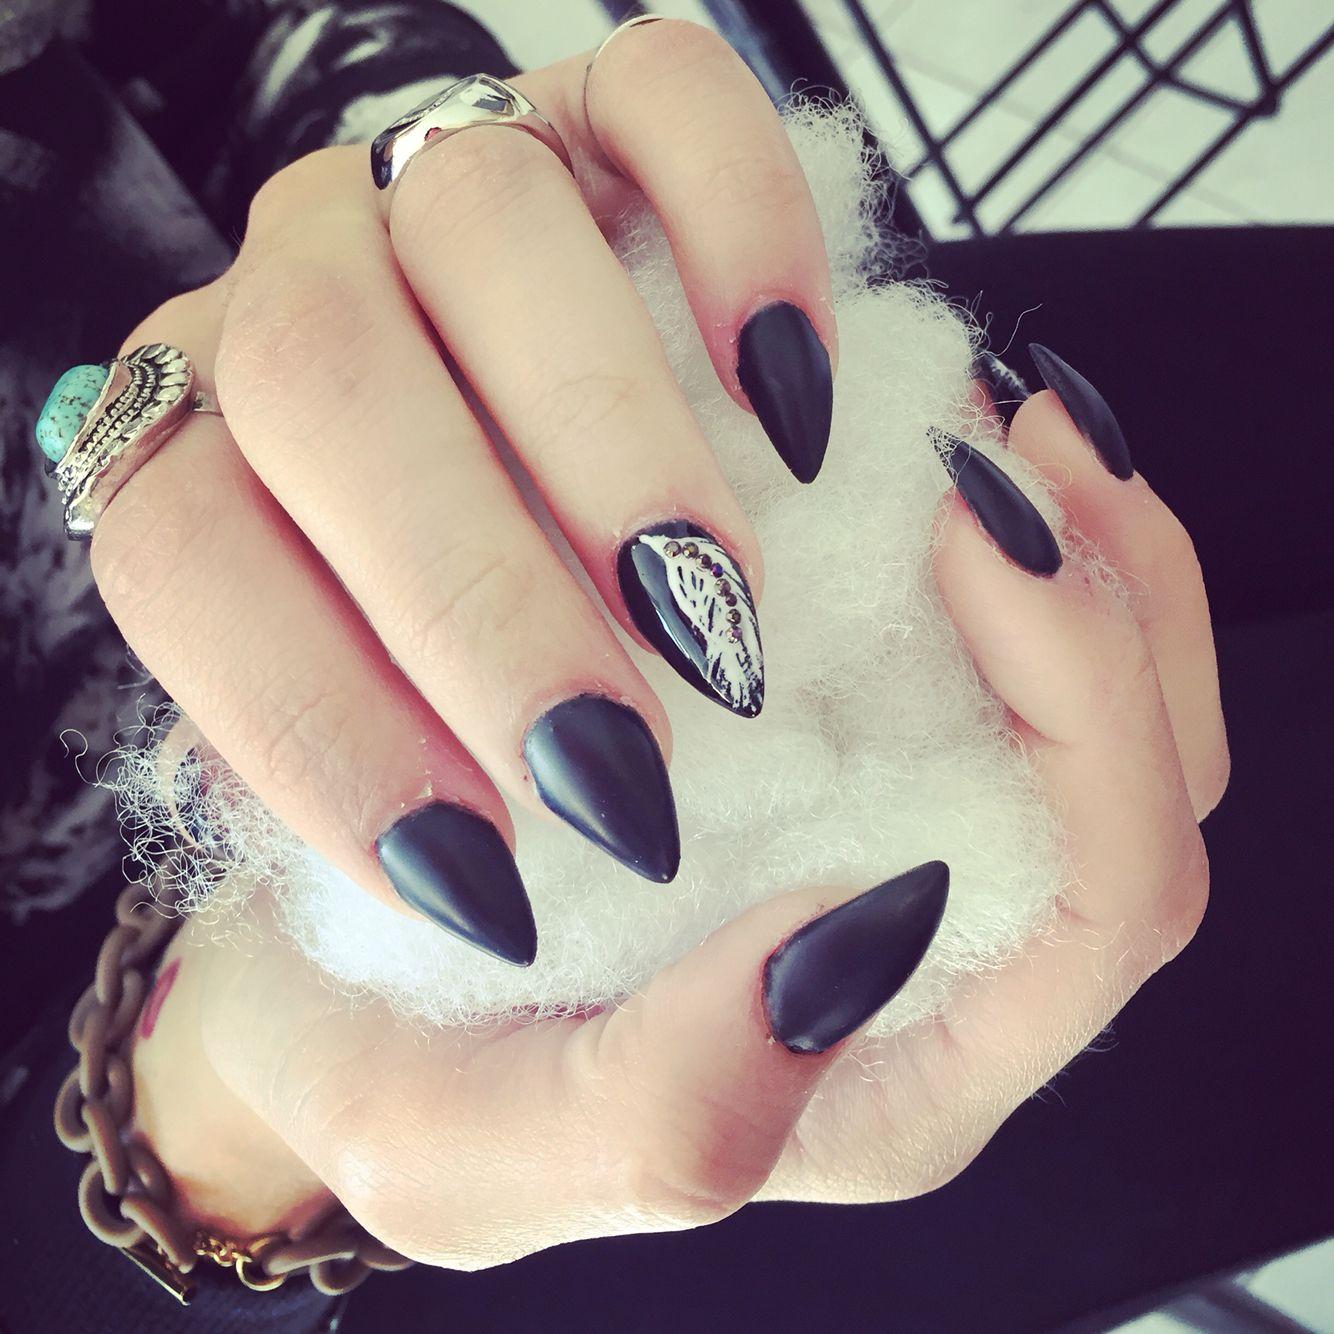 Queste sono le mie unghie in gel, a punta, nere opache con una piuma  sull\u0027anulare decorata con dei brillantini